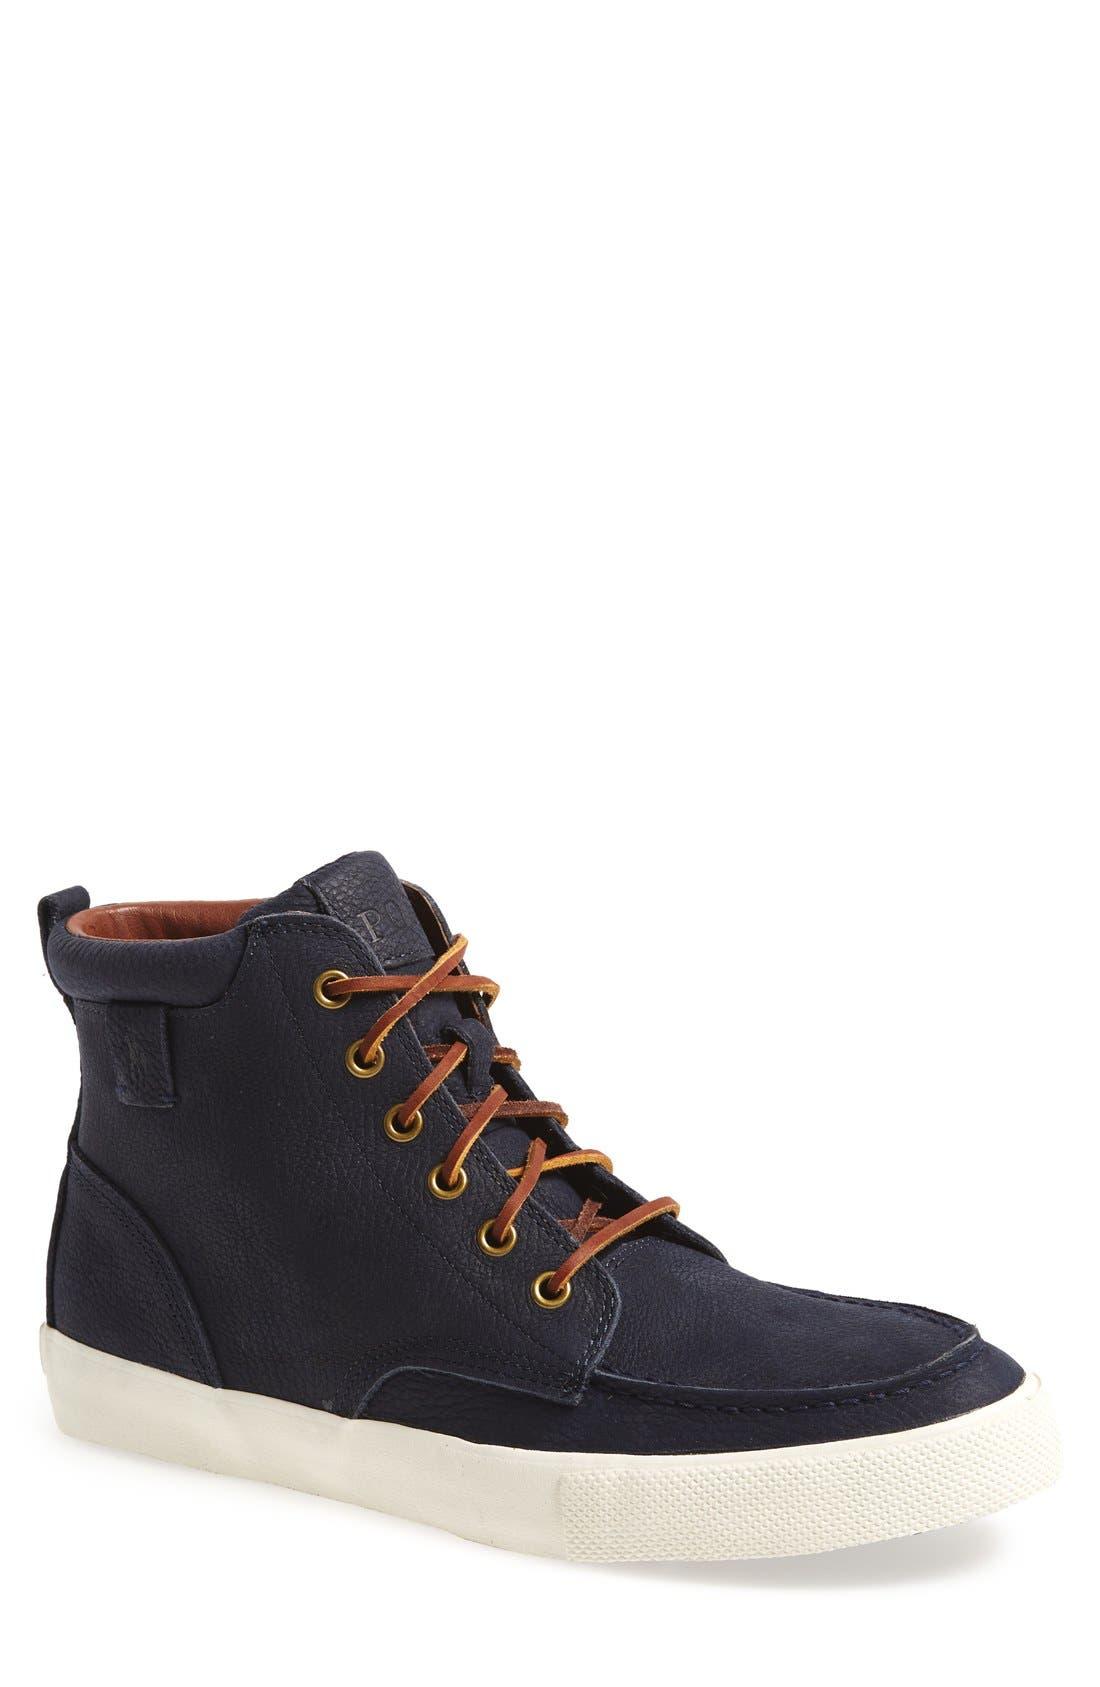 Alternate Image 1 Selected - Polo Ralph Lauren 'Tedd' Sneaker (Men)